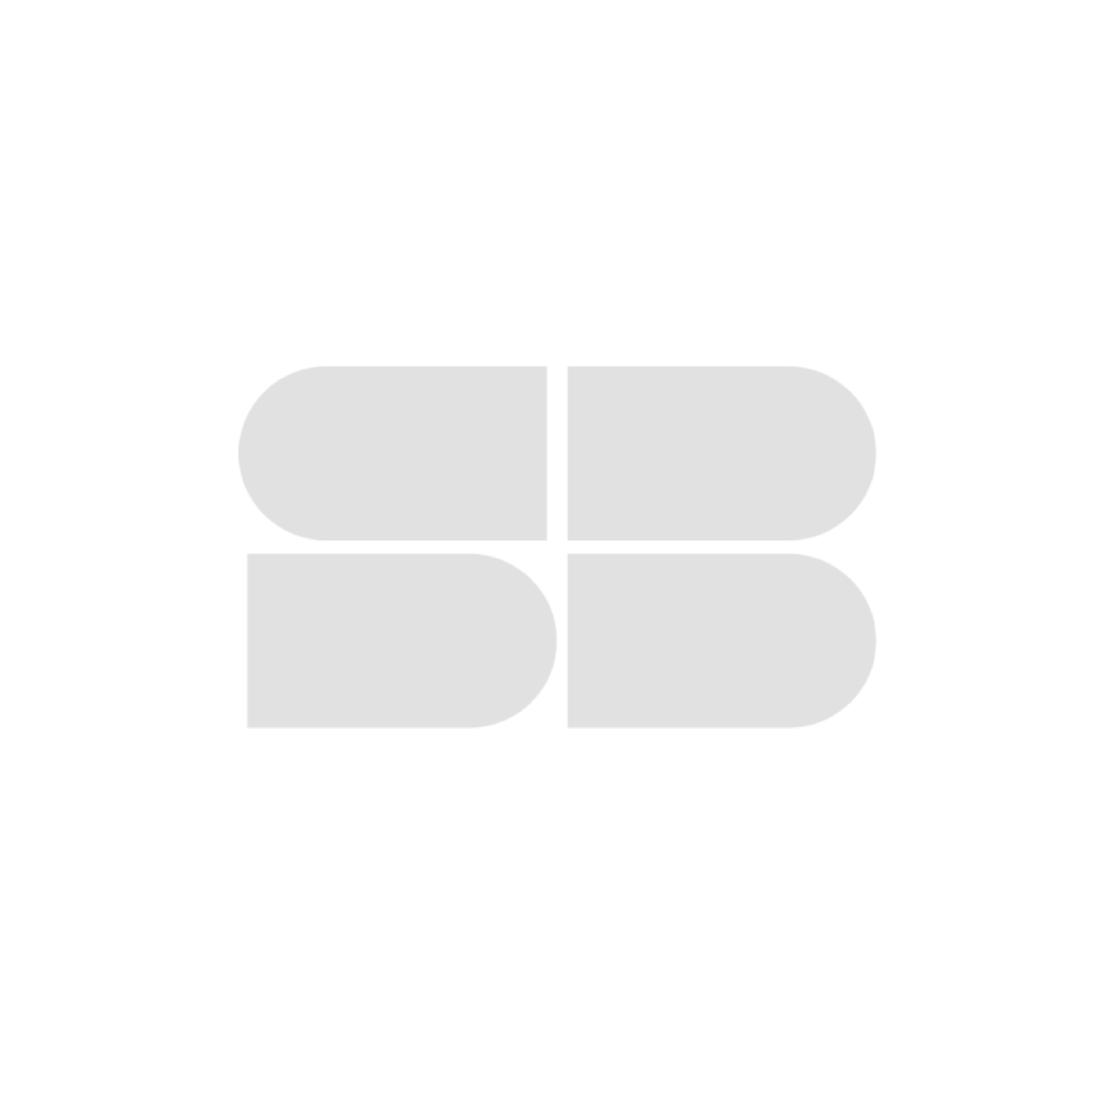 ที่นอน LADY AMERICANA รุ่น HERITAGE ขนาด 5 ฟุต แถมฟรี ชุดเครื่องนอนและผลิตภัณฑ์บรรจุใย 11 ชิ้น